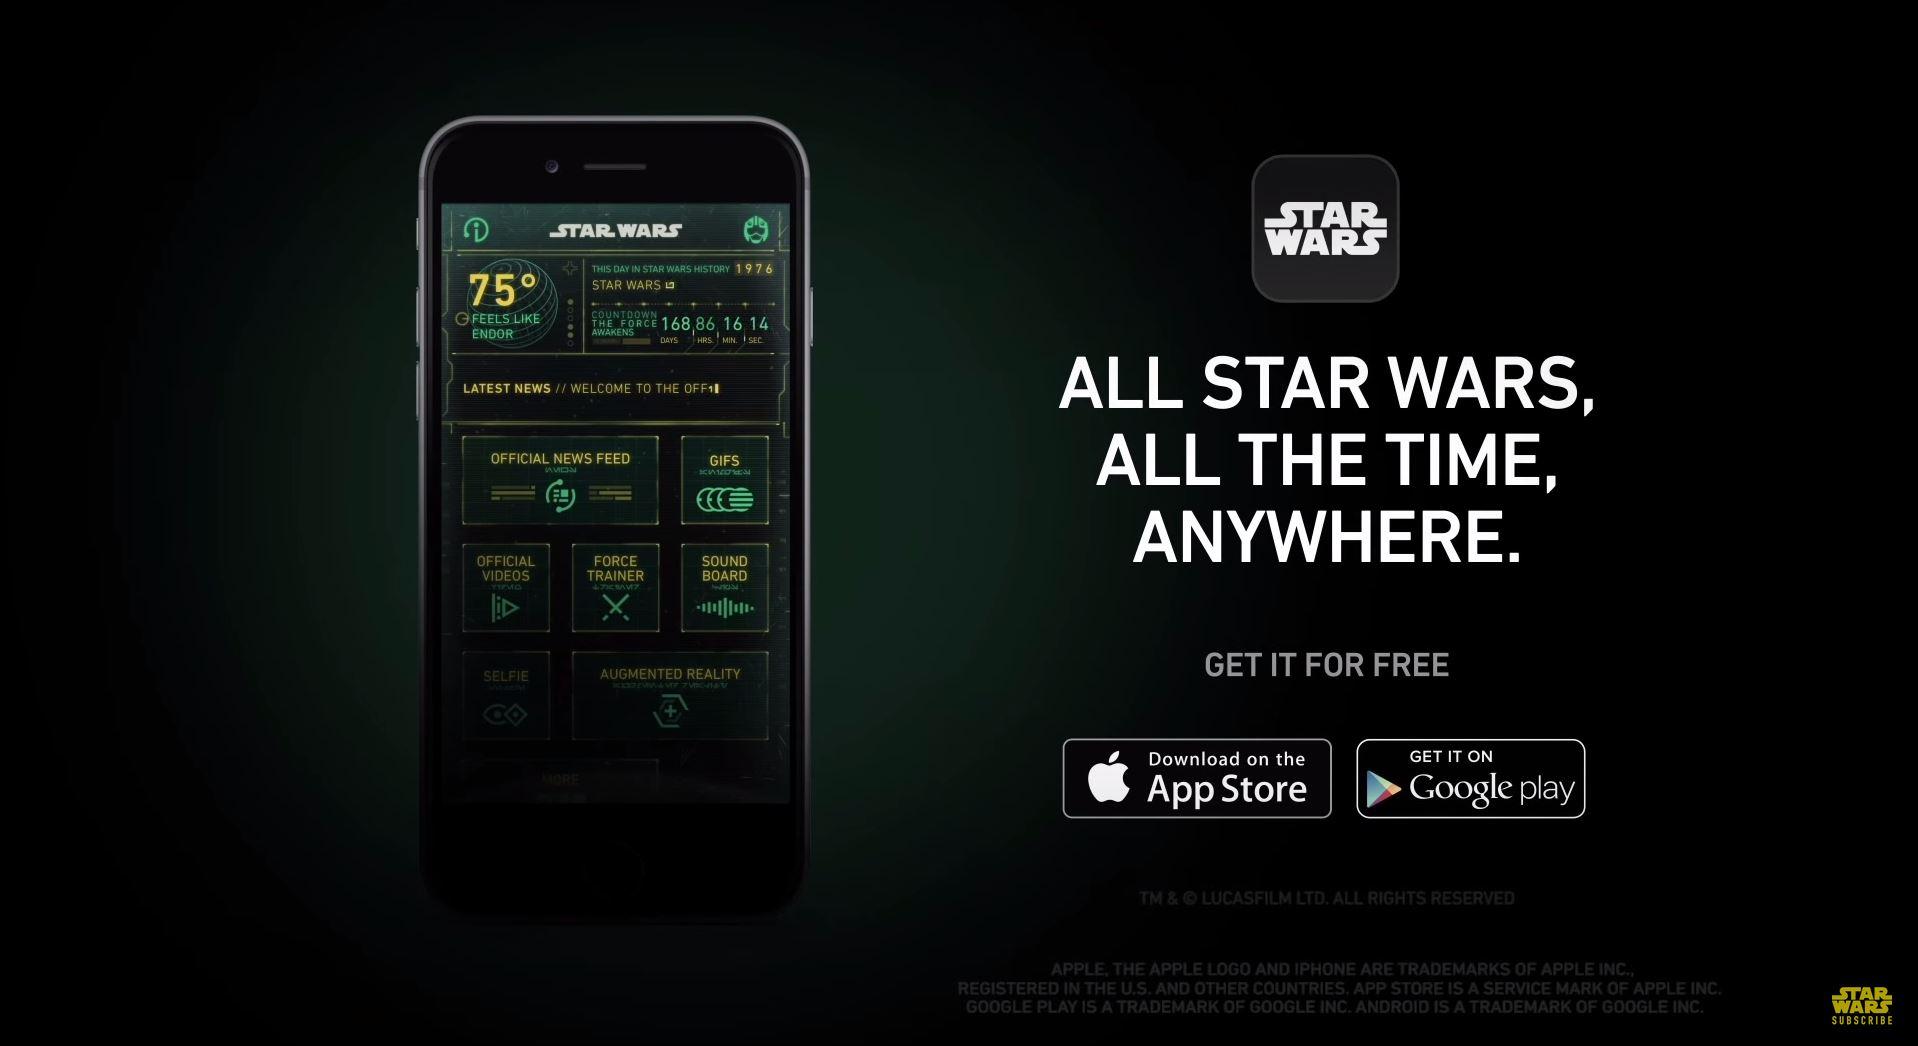 Aplicación oficial Star Wars Android